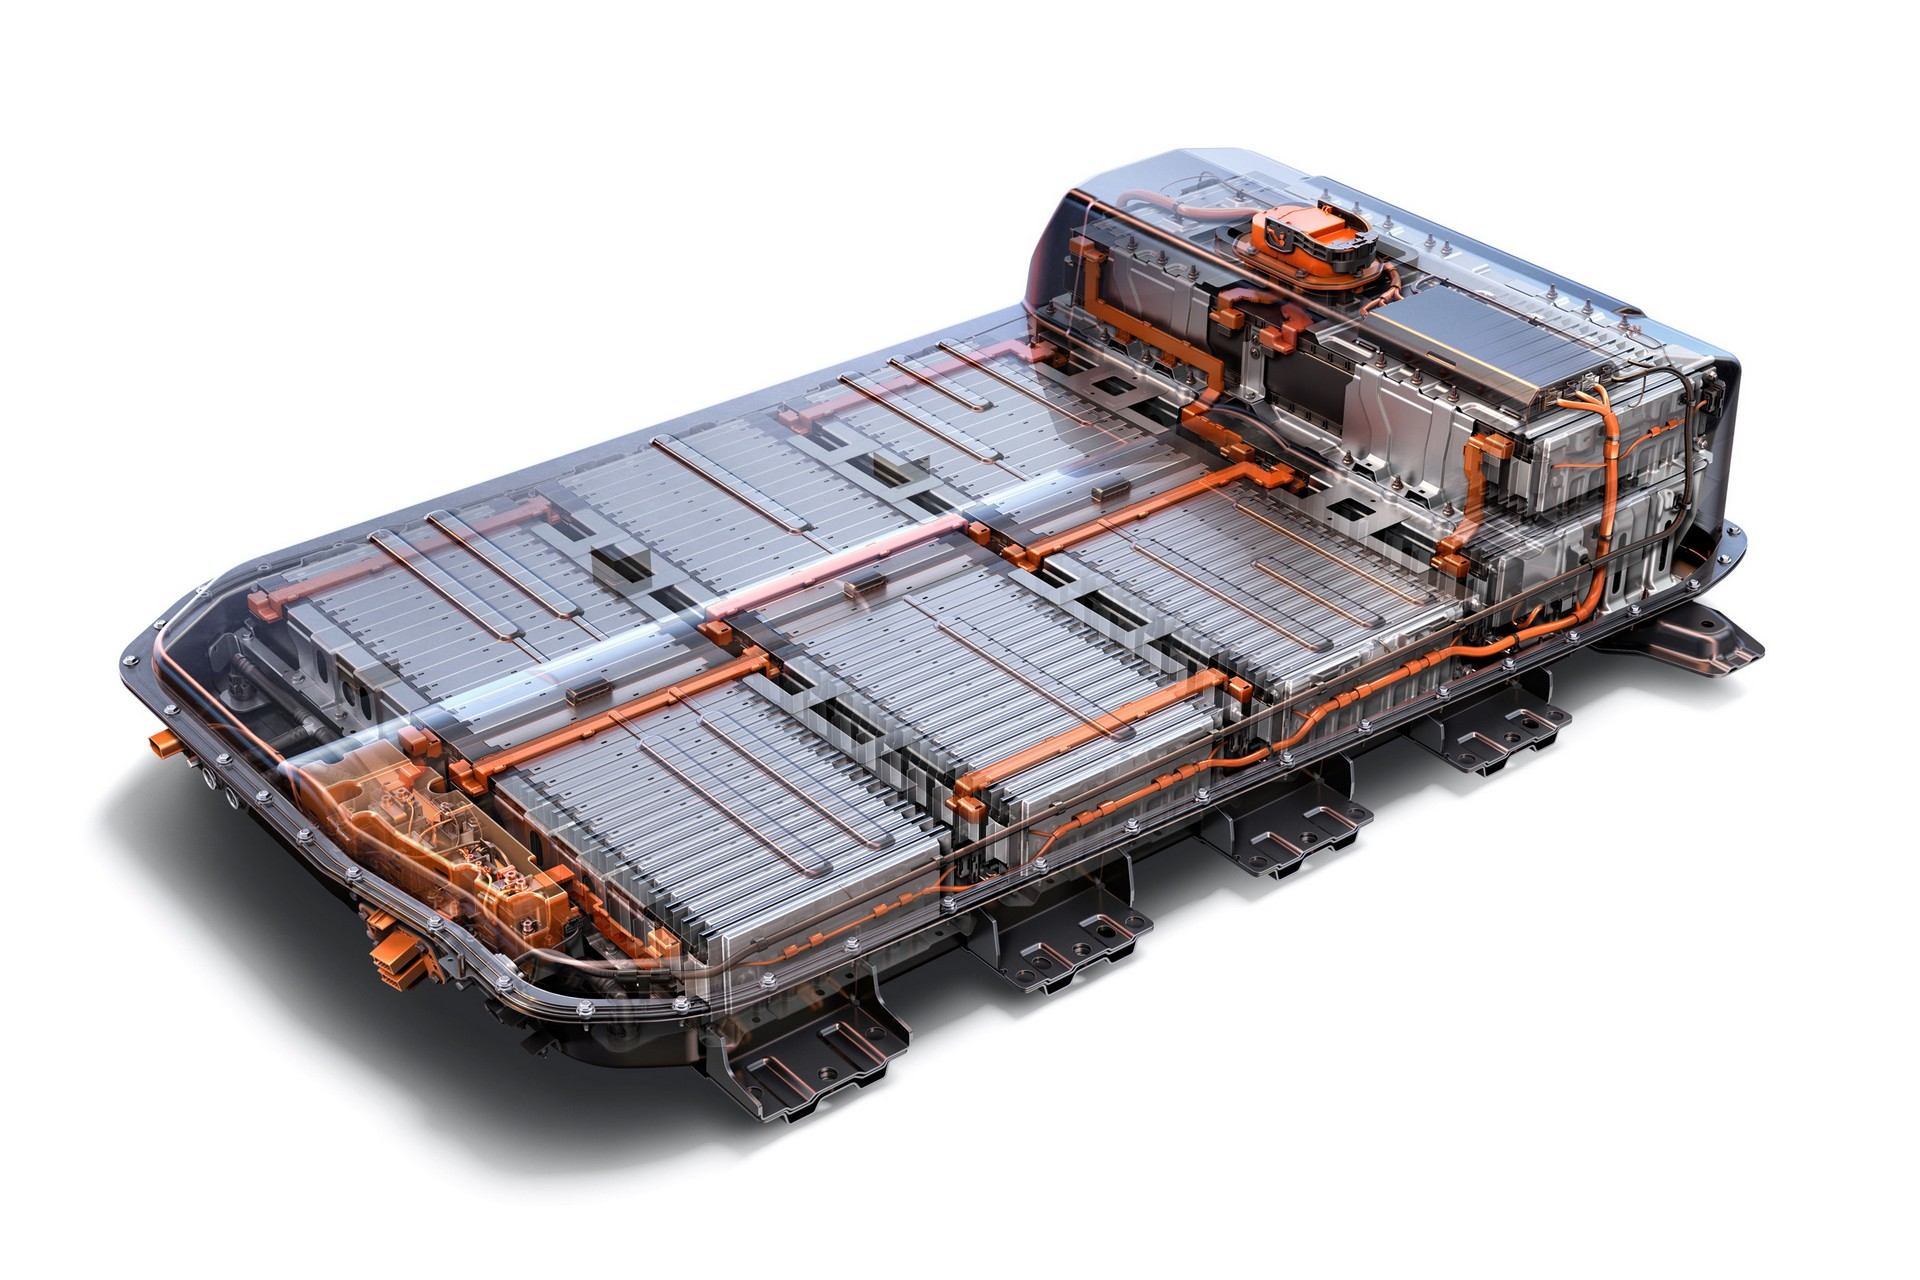 Schema Elettrico Opel Zafira : Opel ampera e. la prova il prezzo e tutti i dettagli